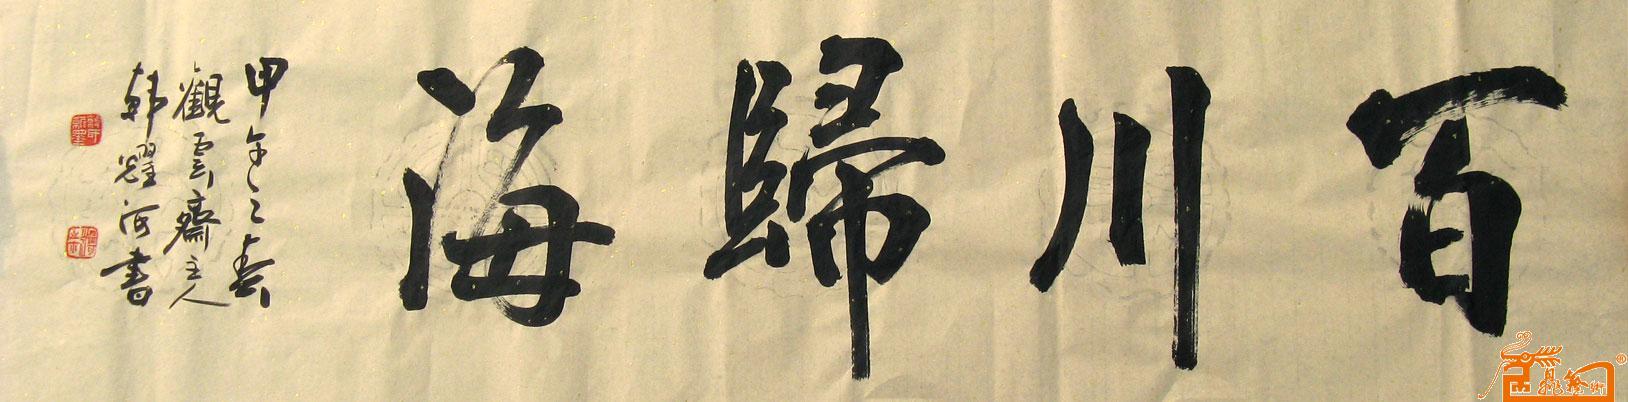 韩耀河-百川归海-淘宝-名人字画-中国书画服务中心